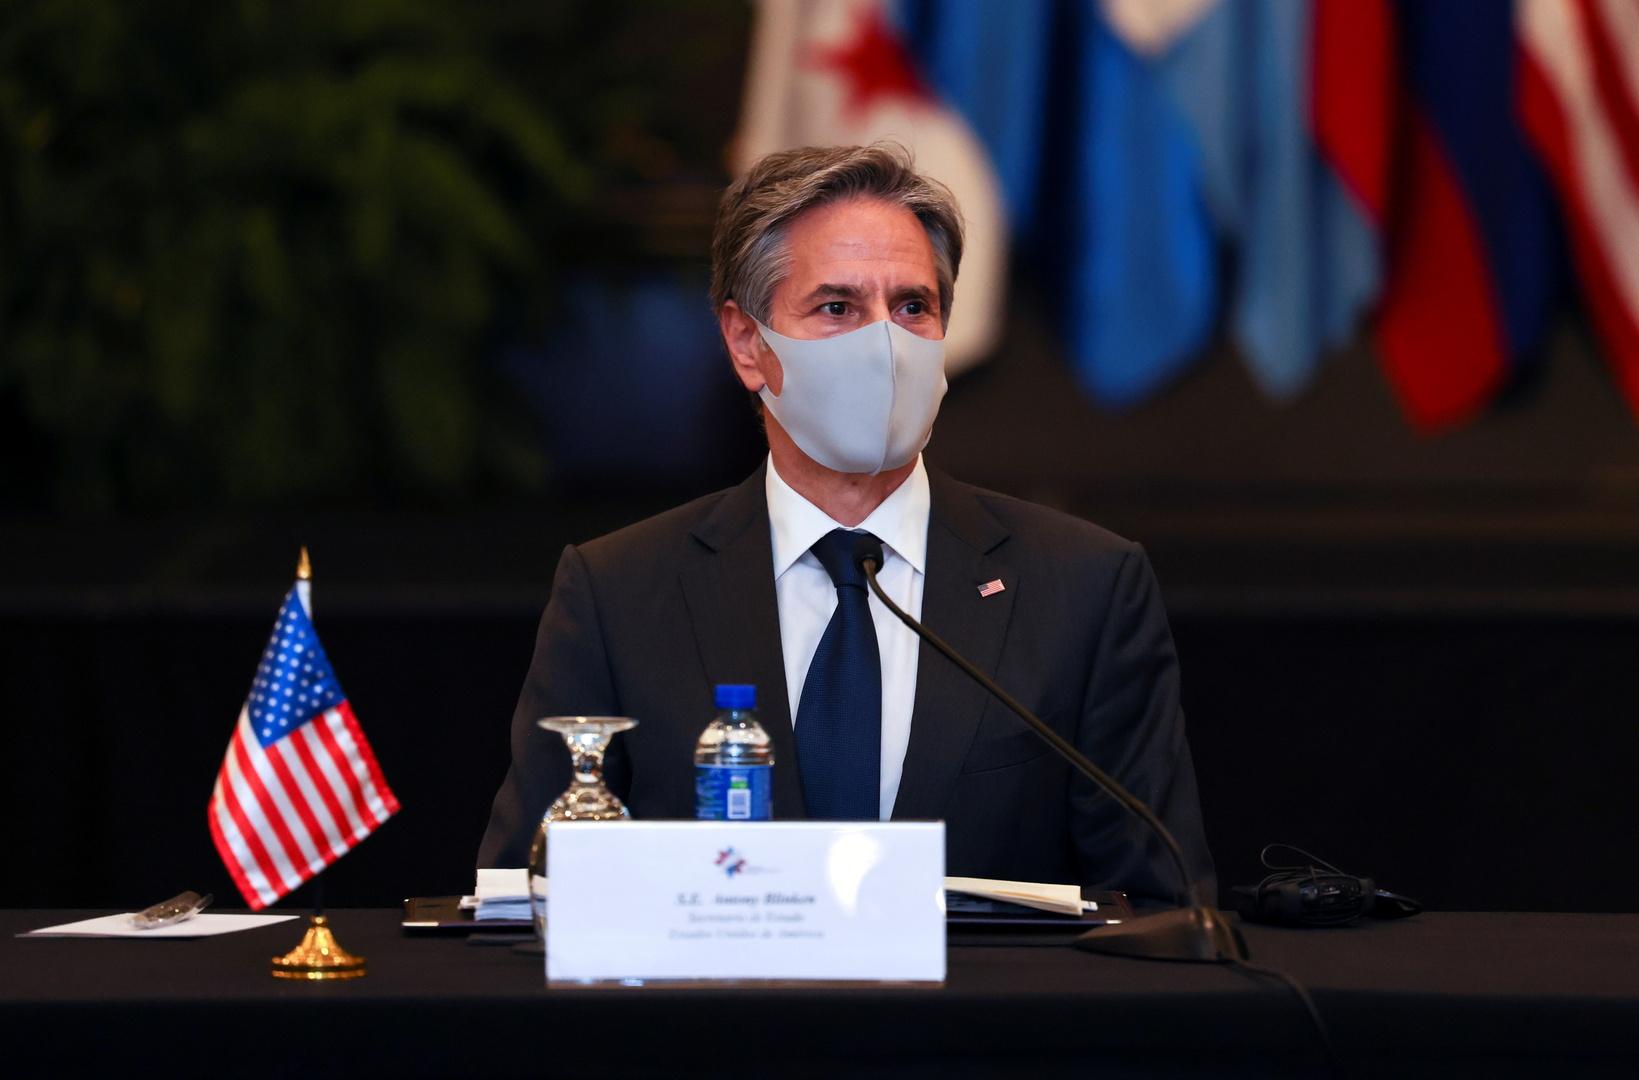 بلينكن: من غير الواضح ما إذا كانت إيران راغبة بفعل ما يلزم للعودة للاتفاق النووي